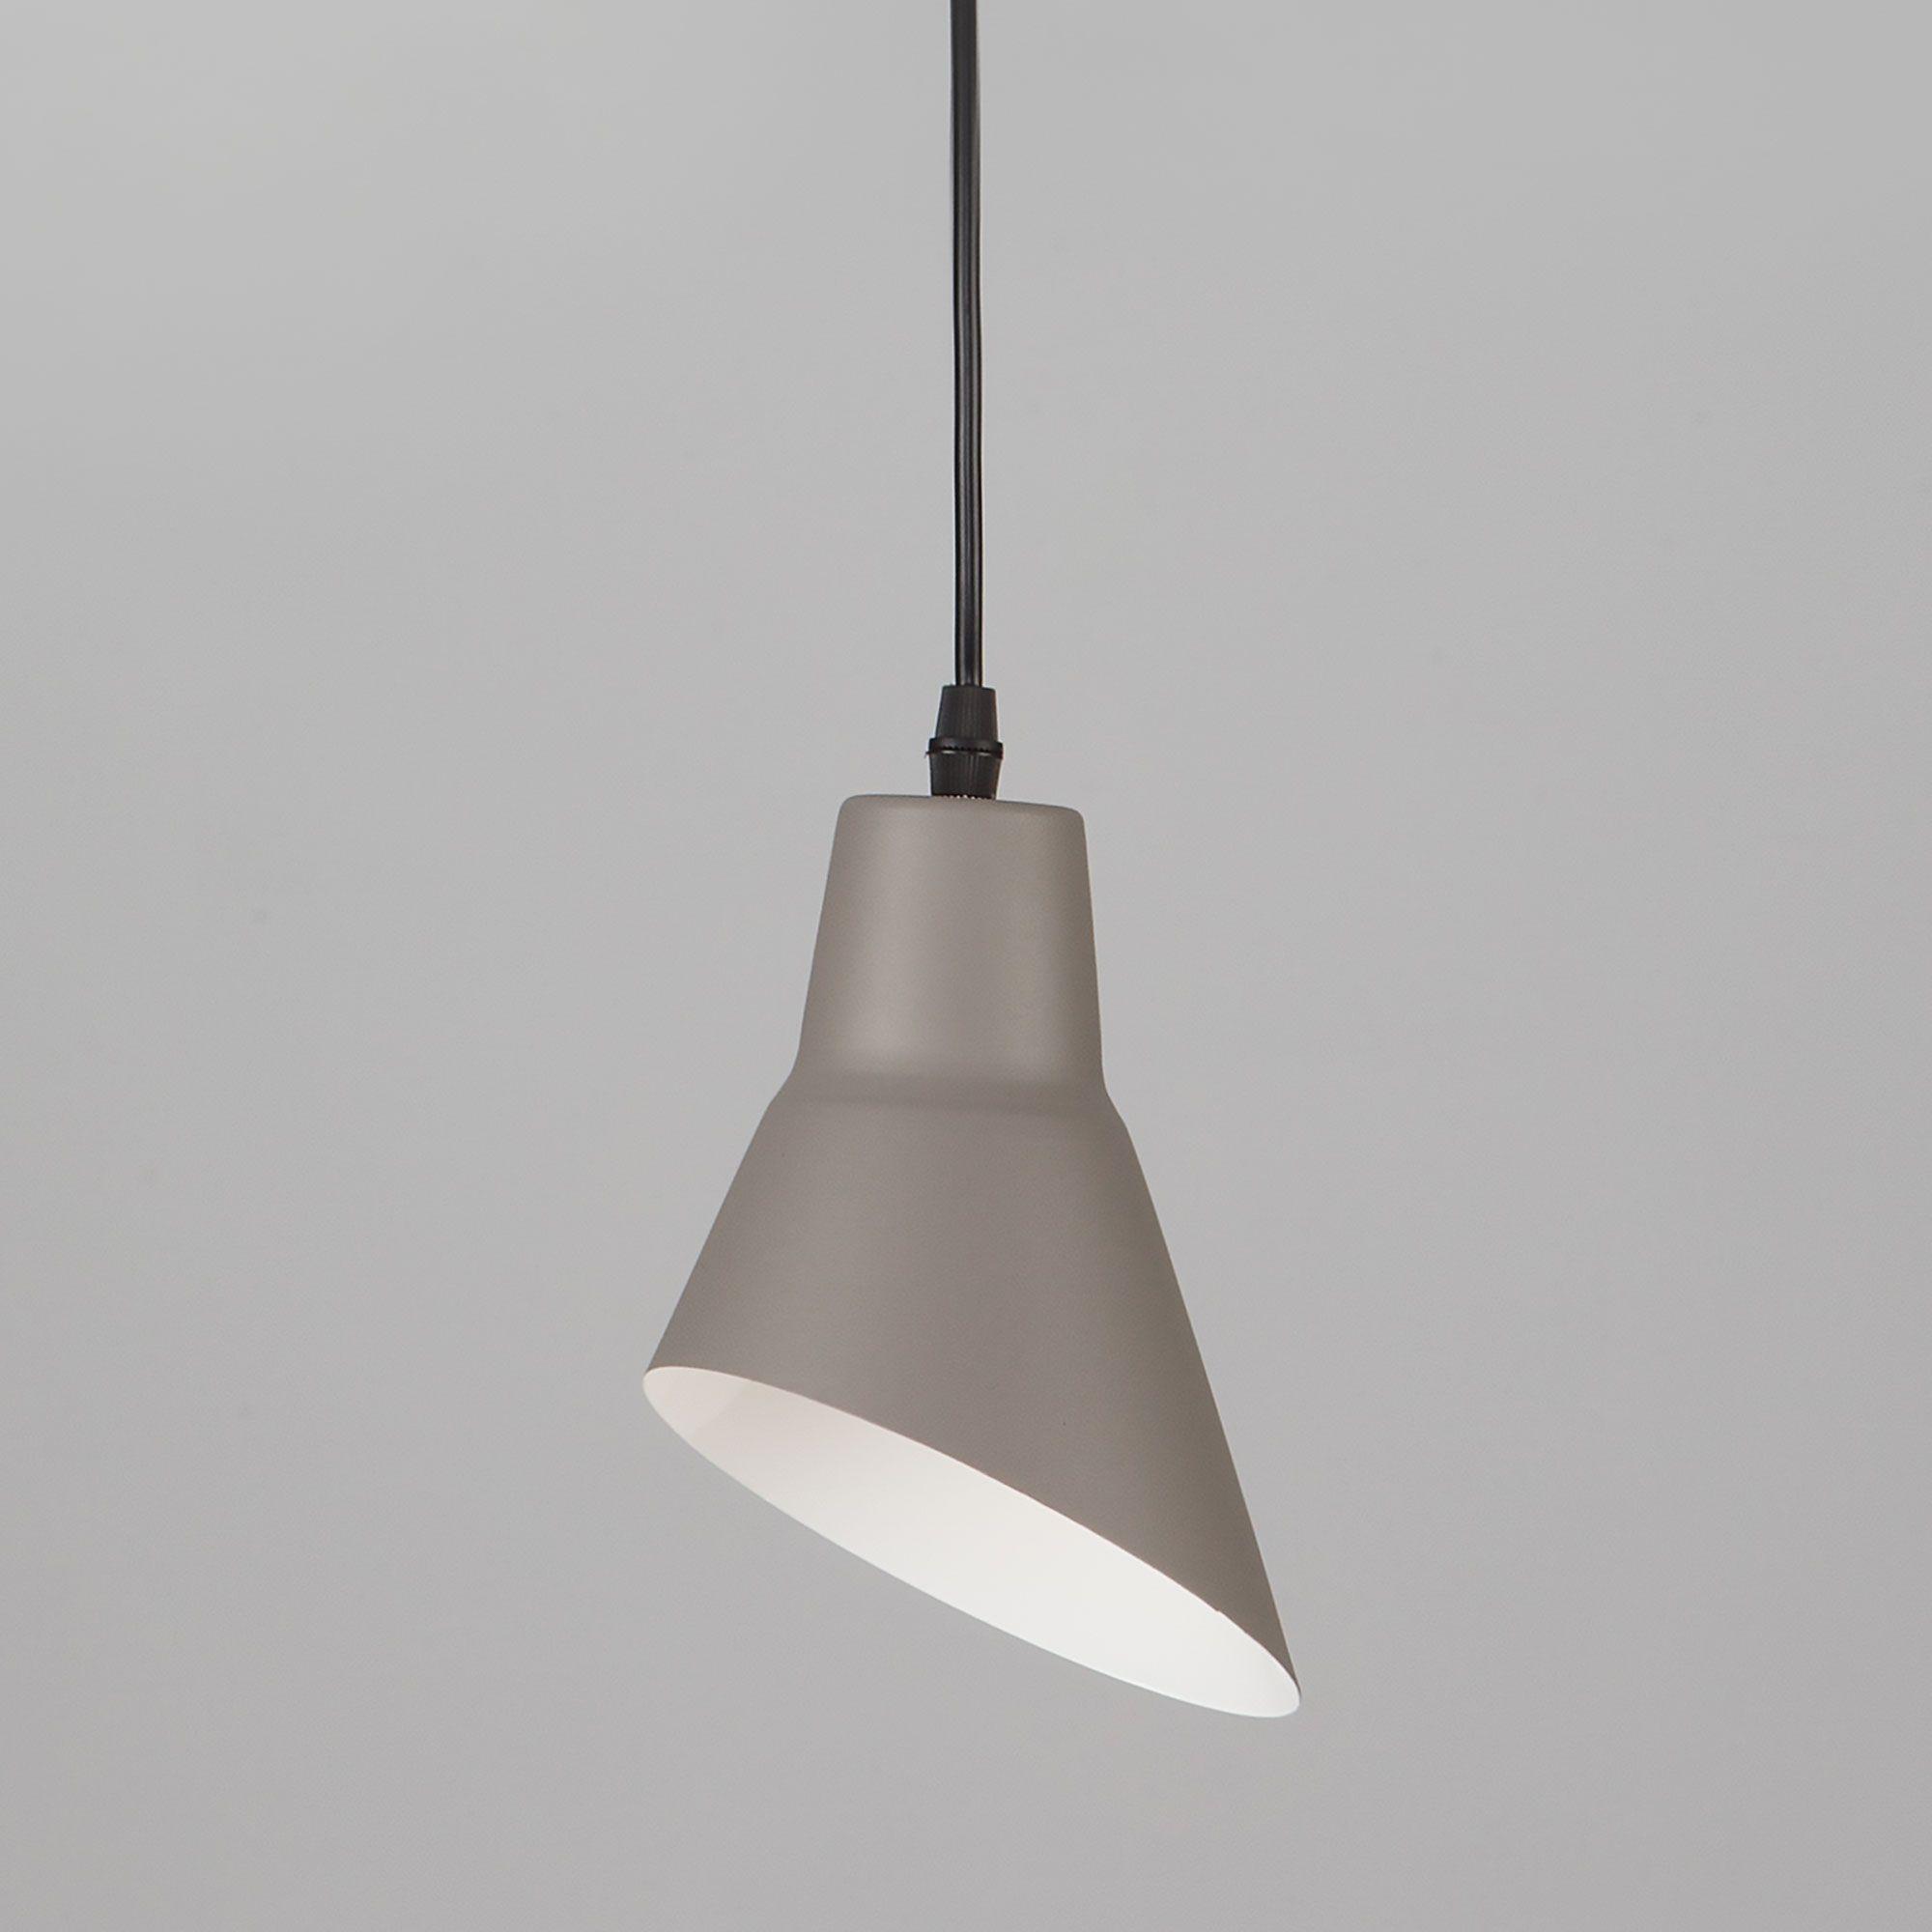 Подвесной светильник с креплением на планку 50069/1 серый